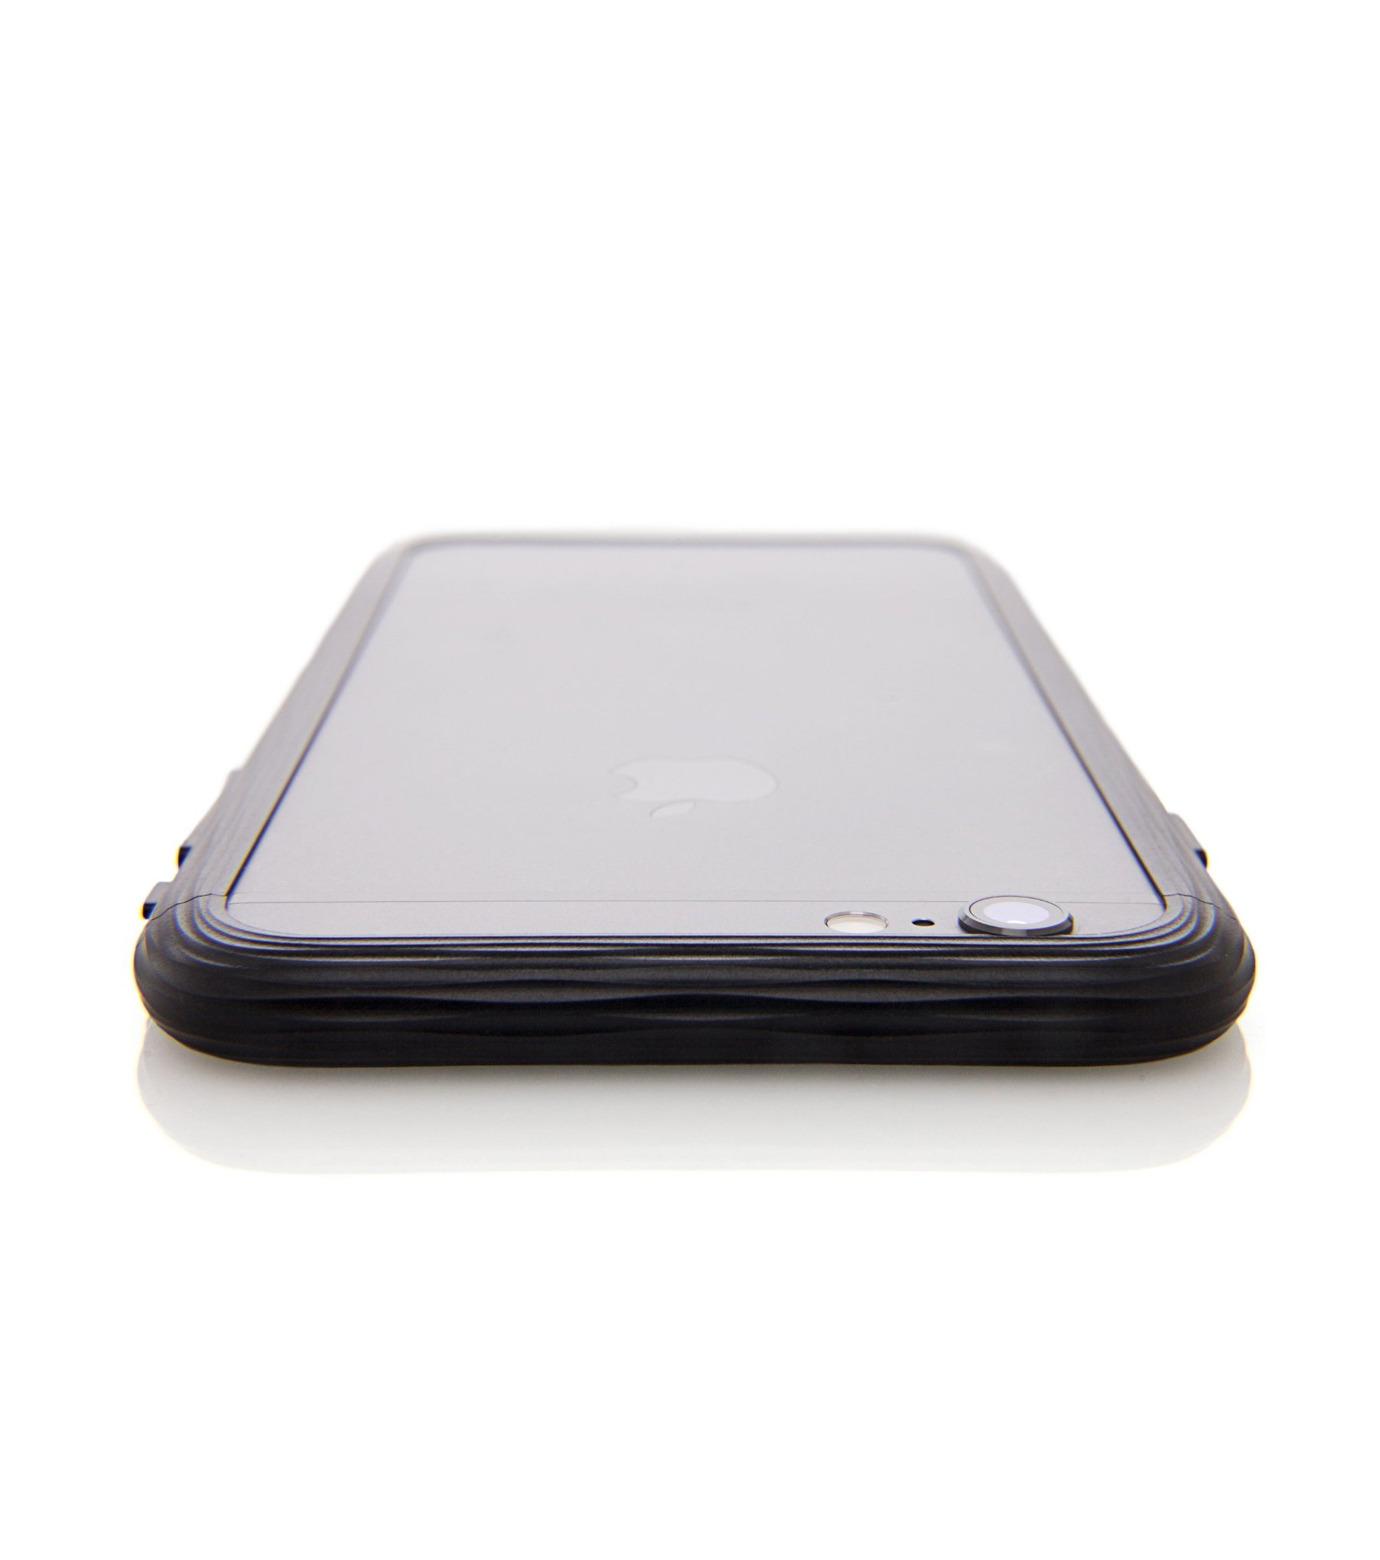 SQUAIR(スクエア)のThe Dimple for iPhone6s plus-BLACK(ケースiphone6plus/6splus/case iphone6plus/6splus)-SQDMP630-BLK-13 拡大詳細画像3